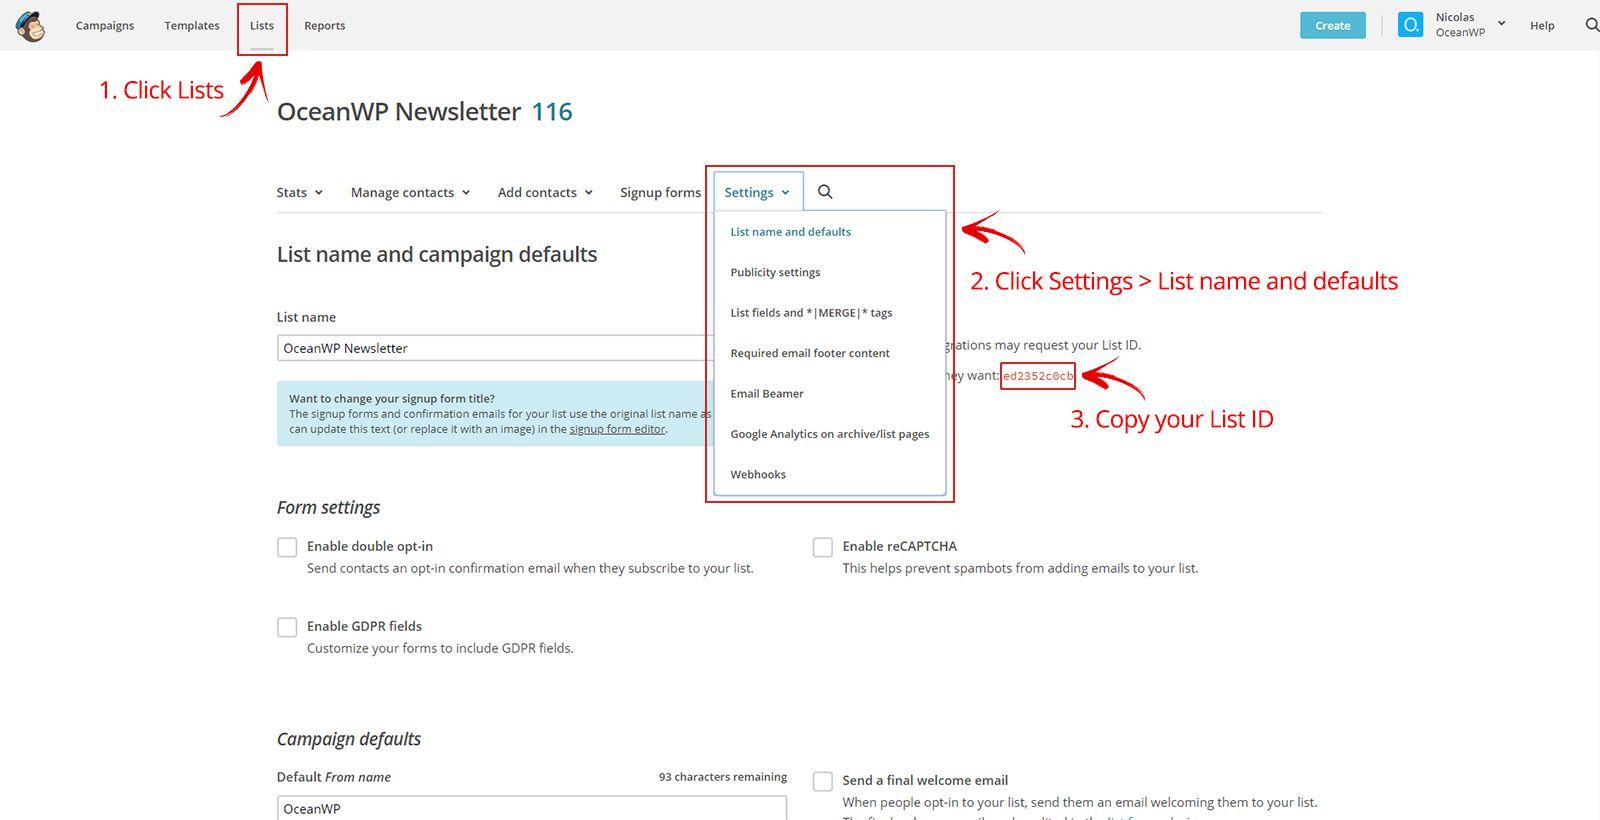 mailchimp api v2 documentation